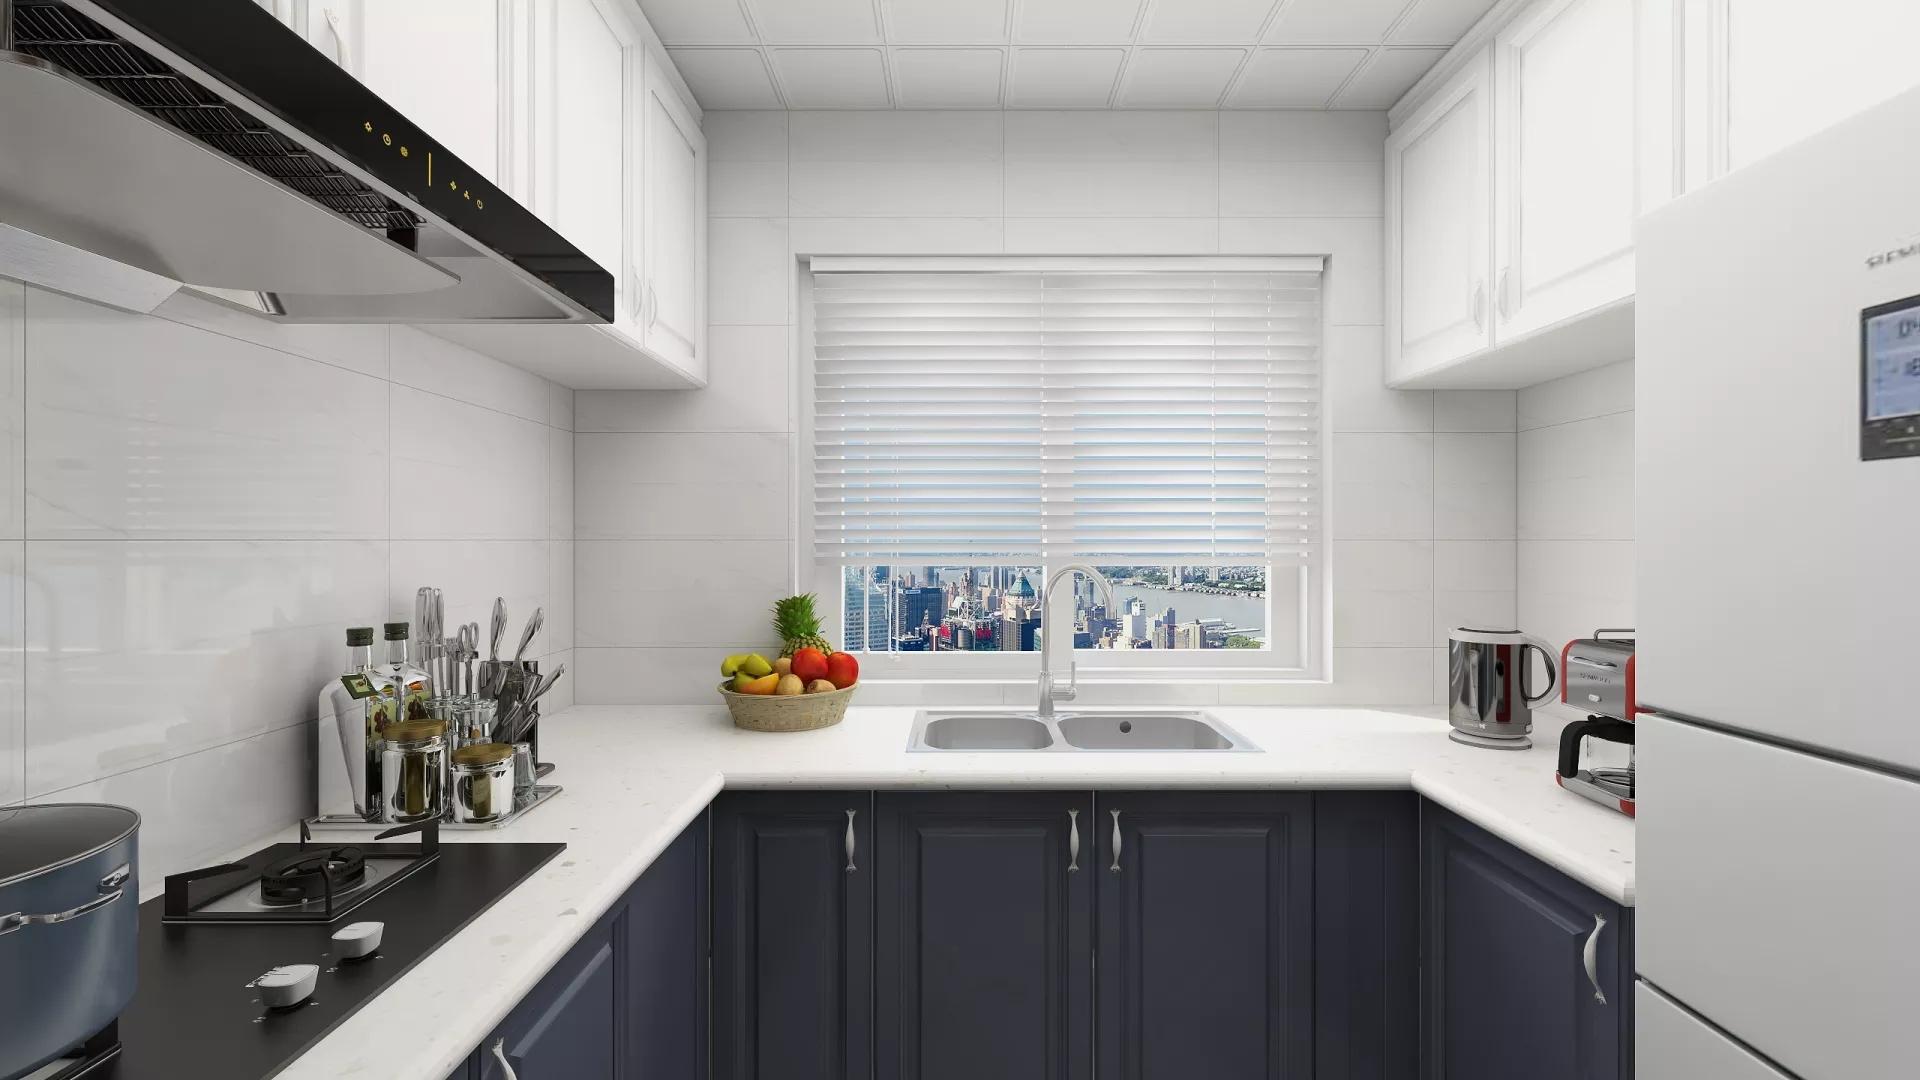 防静电窗帘怎样选择 防静电窗帘保养方法